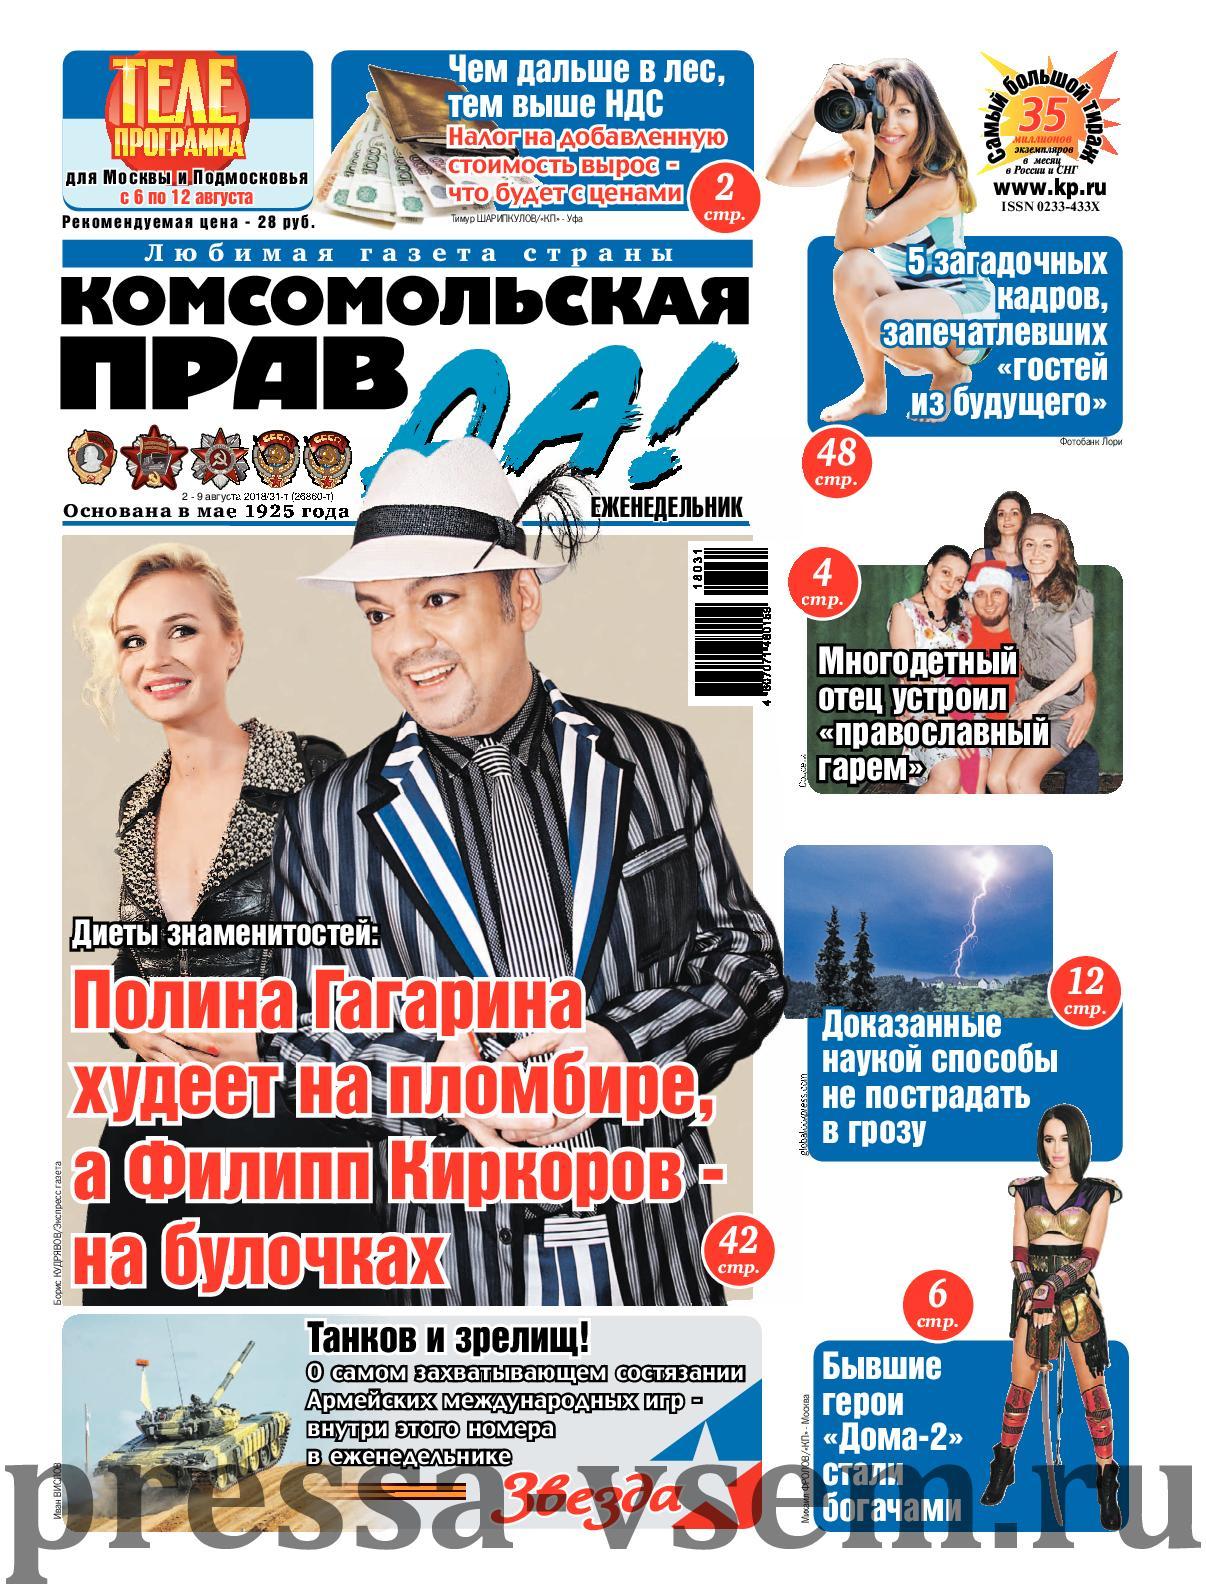 menya-zovut-lida-ya-vdova-hochu-seks-priezzhay-pishi-penza-porno-podrug-lesbiyanok